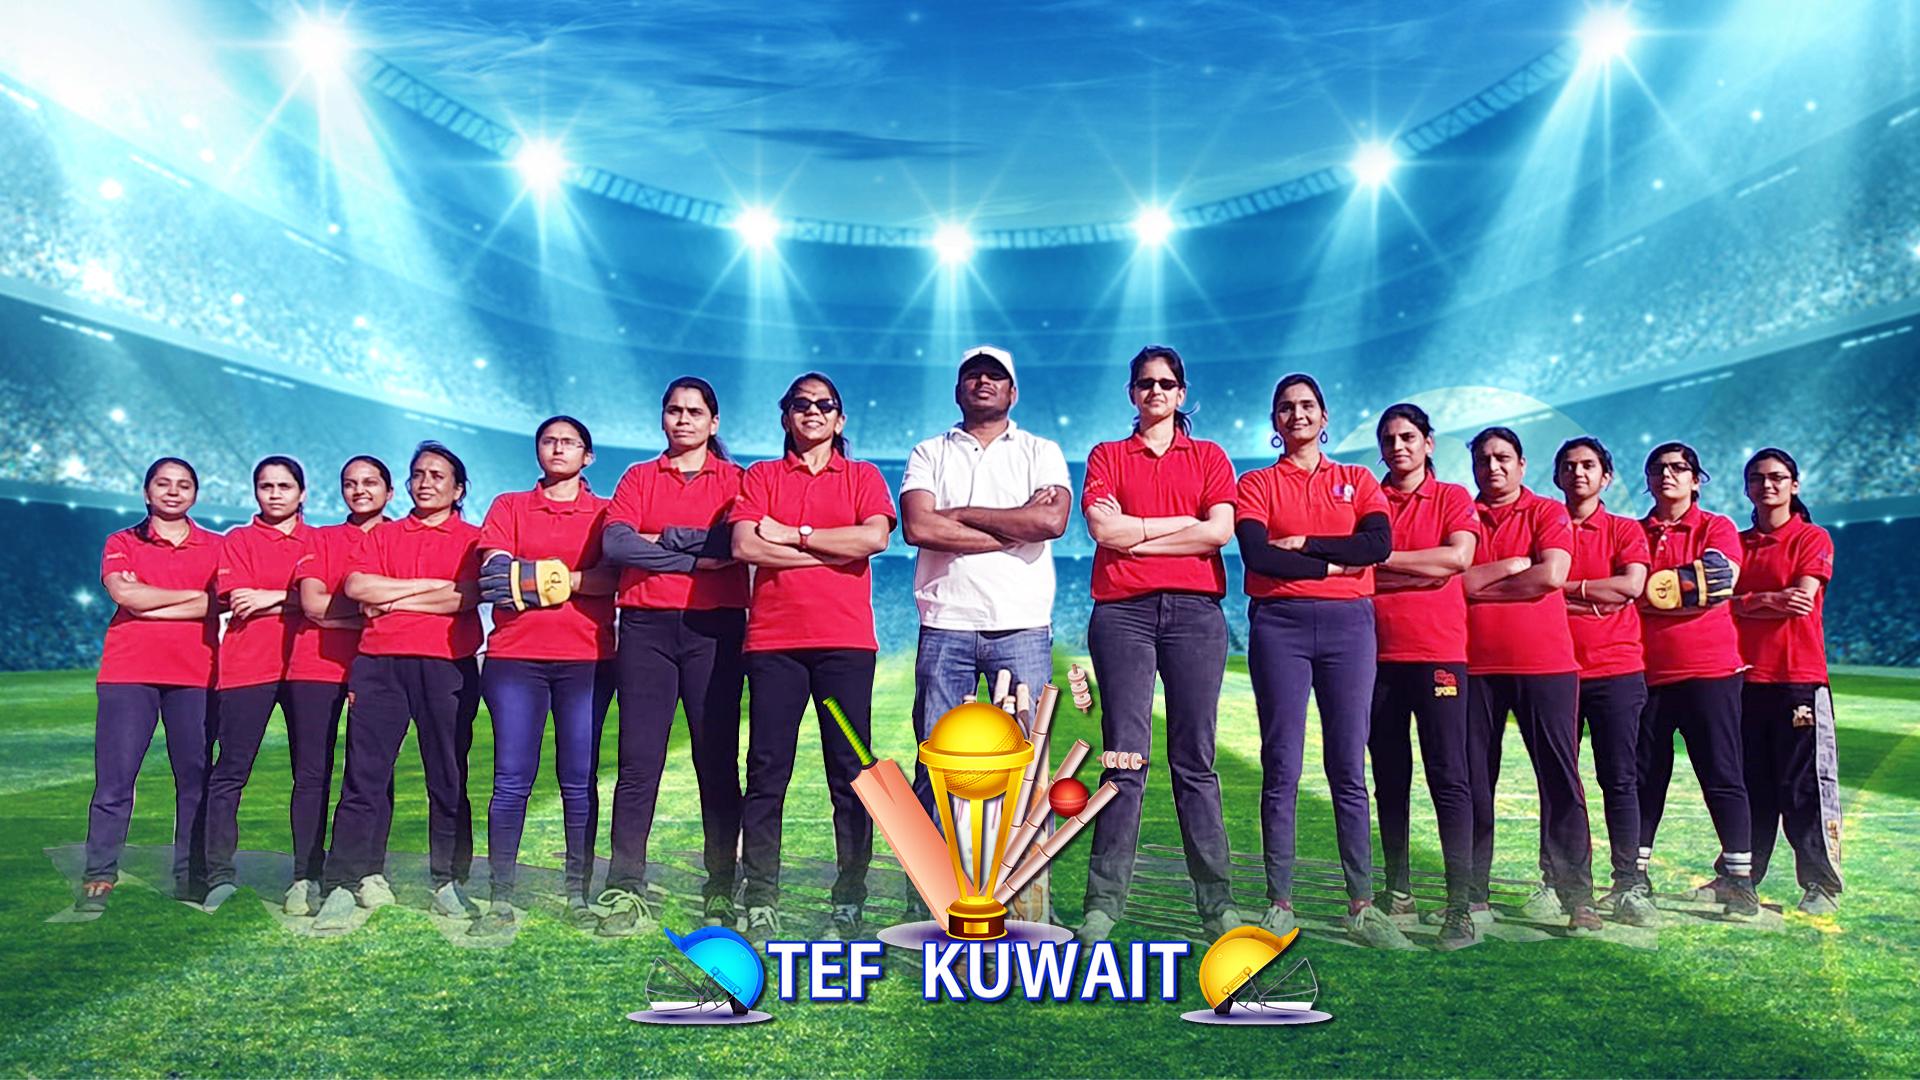 TEF KUWAIT - WOMEN